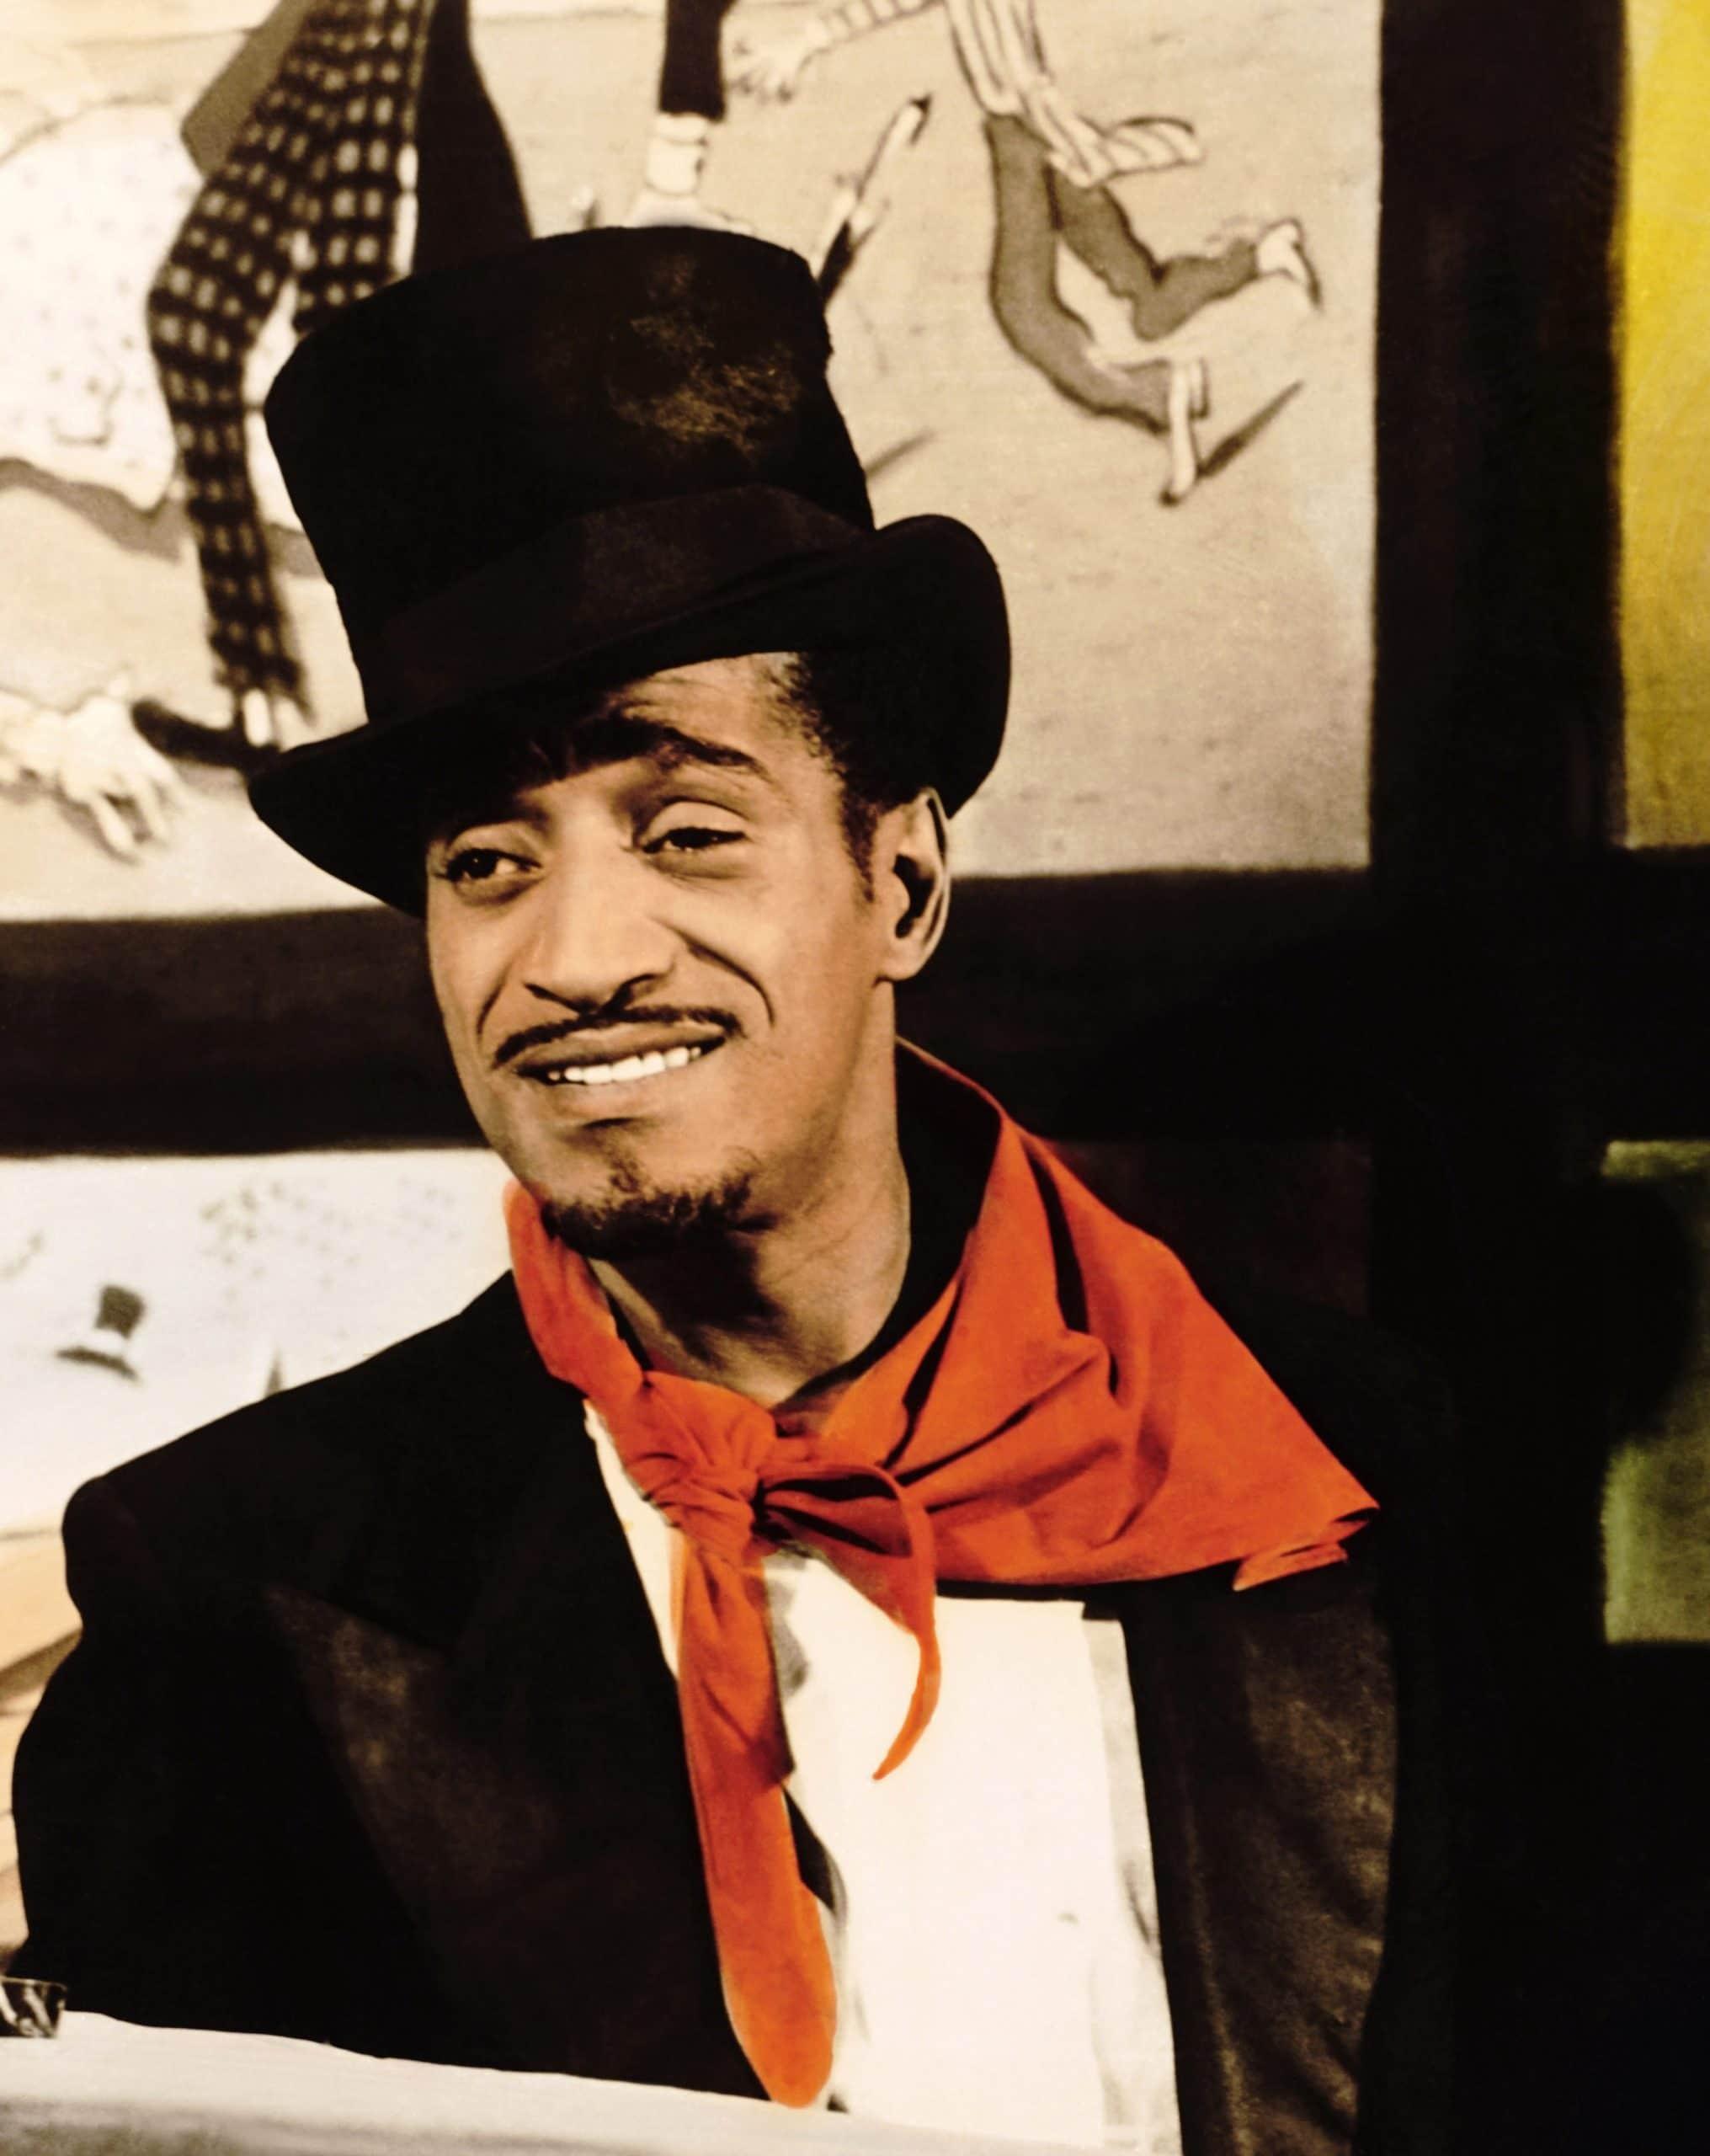 THREE PENNY OPERA, (aka DIE DREIGROSHENOPER), Sammy Davis Jr., 1963